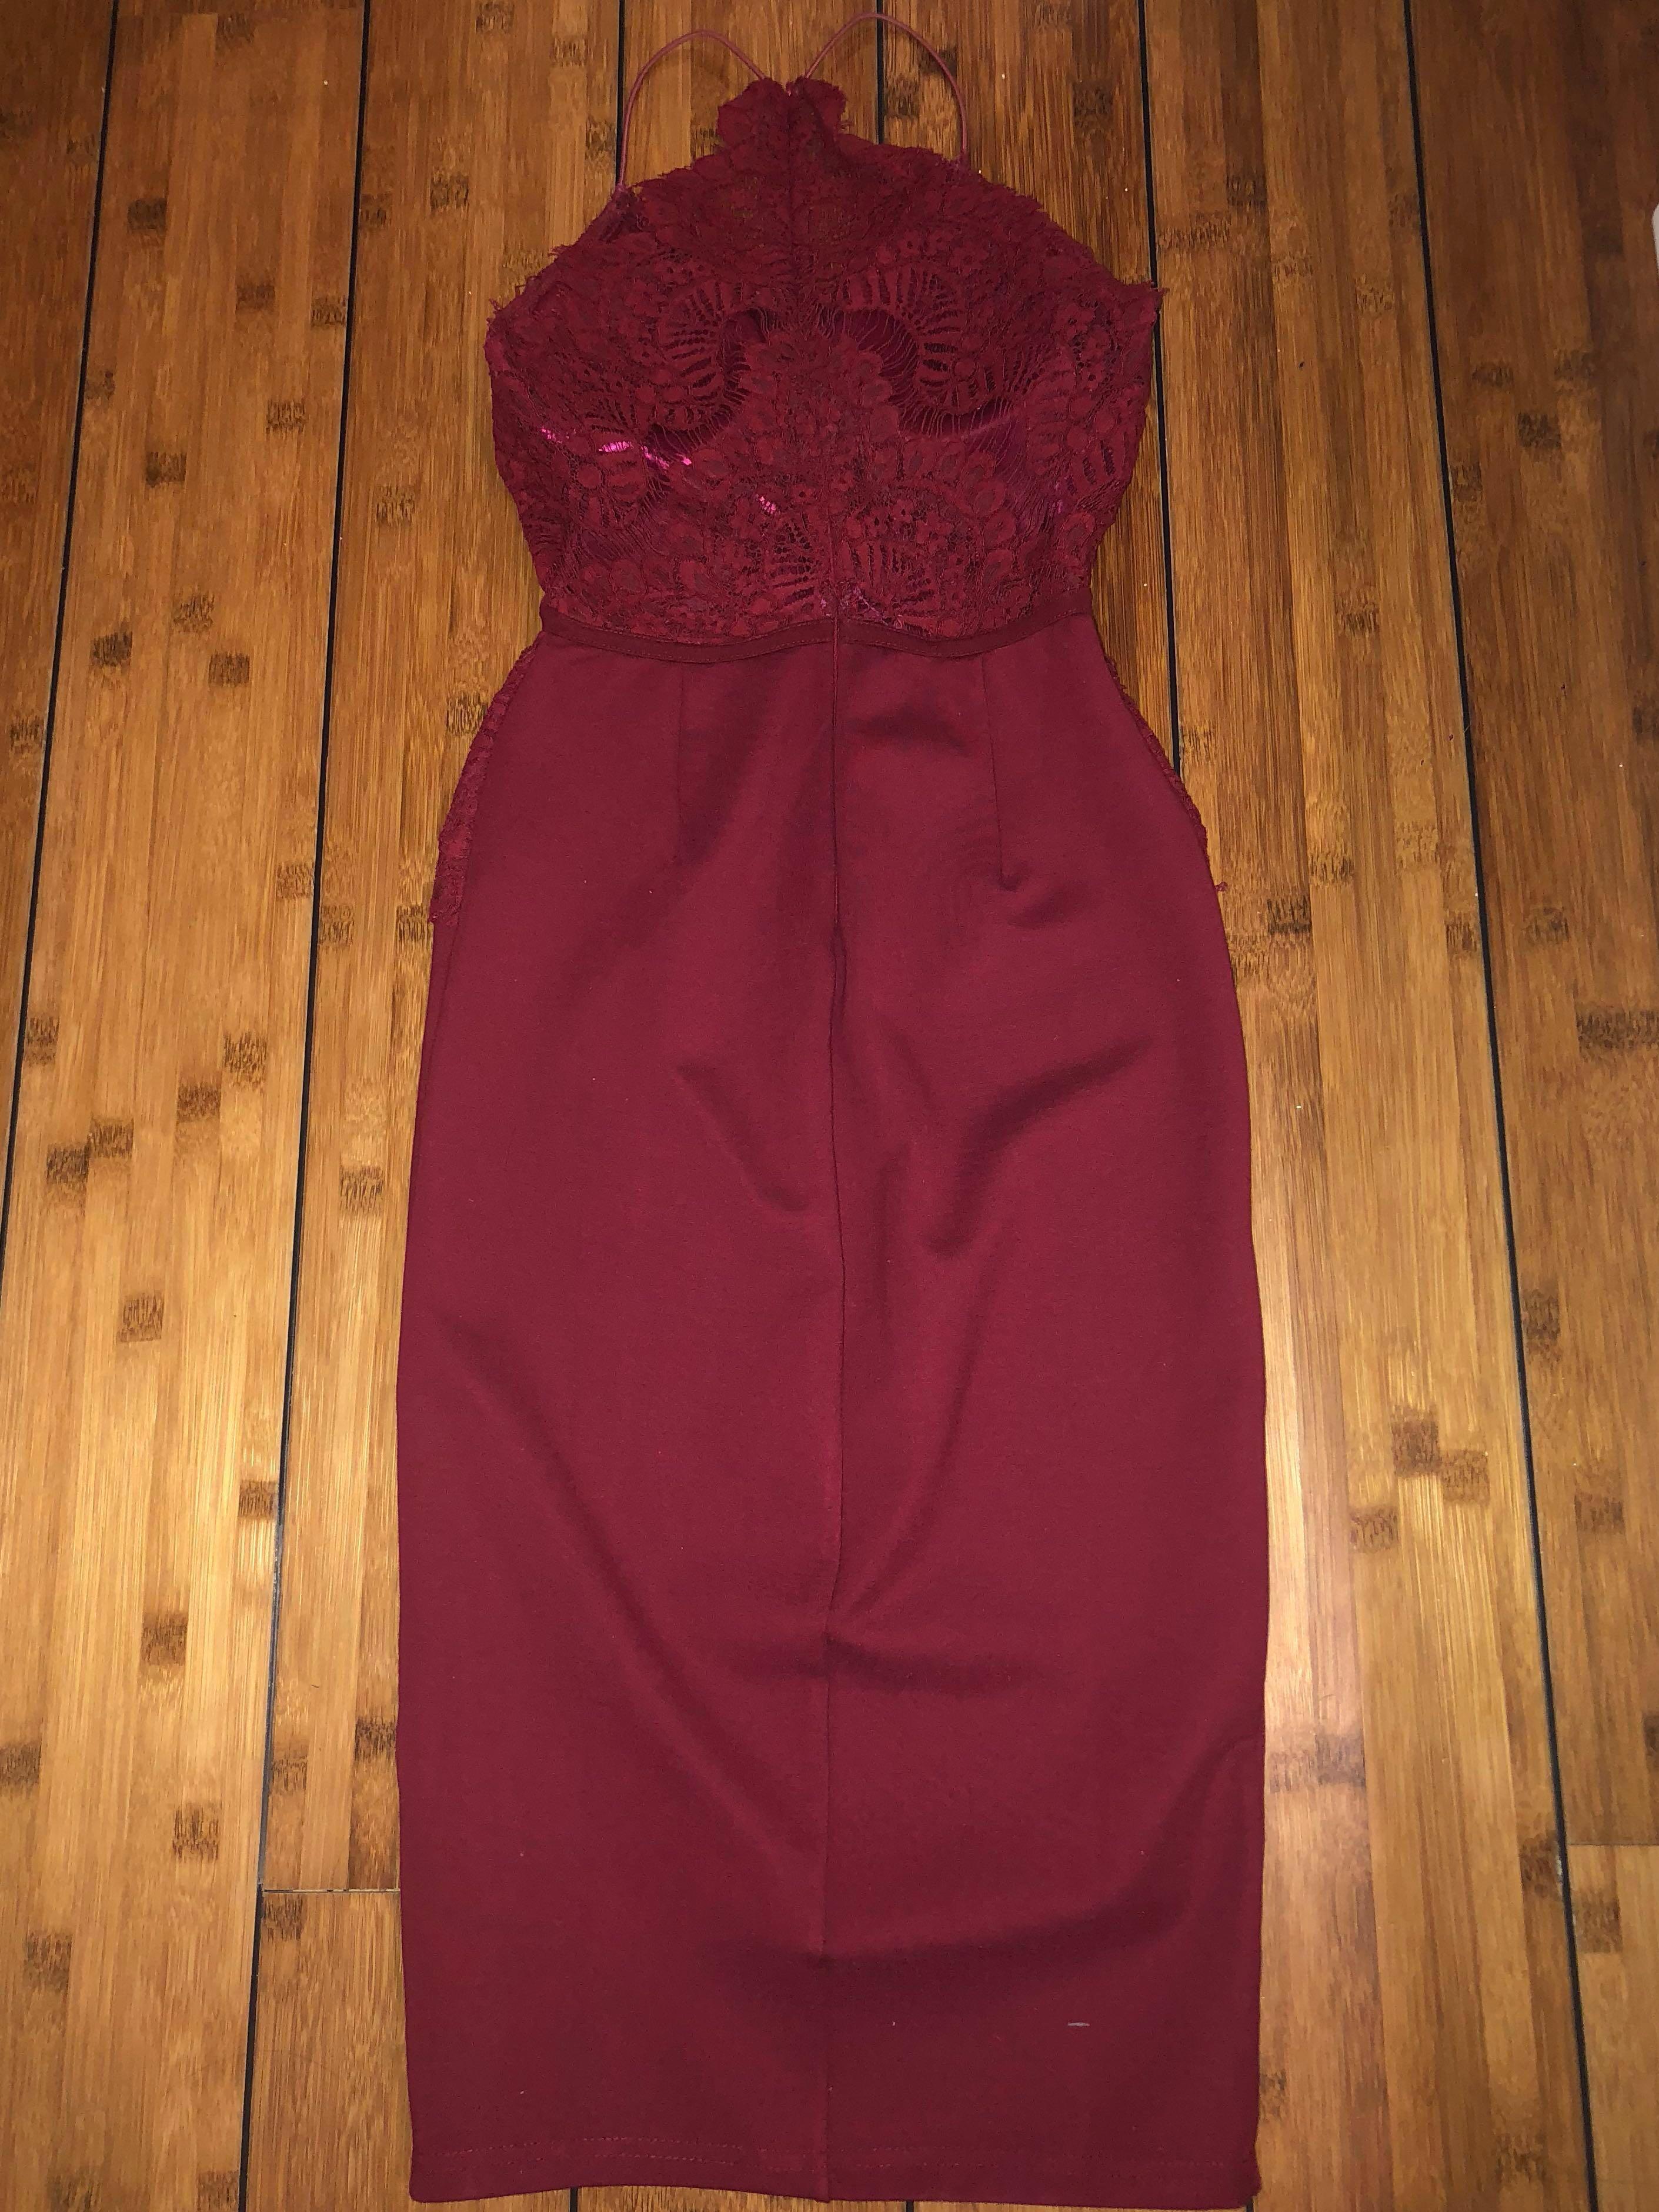 Red Wine Lace Midi Dress